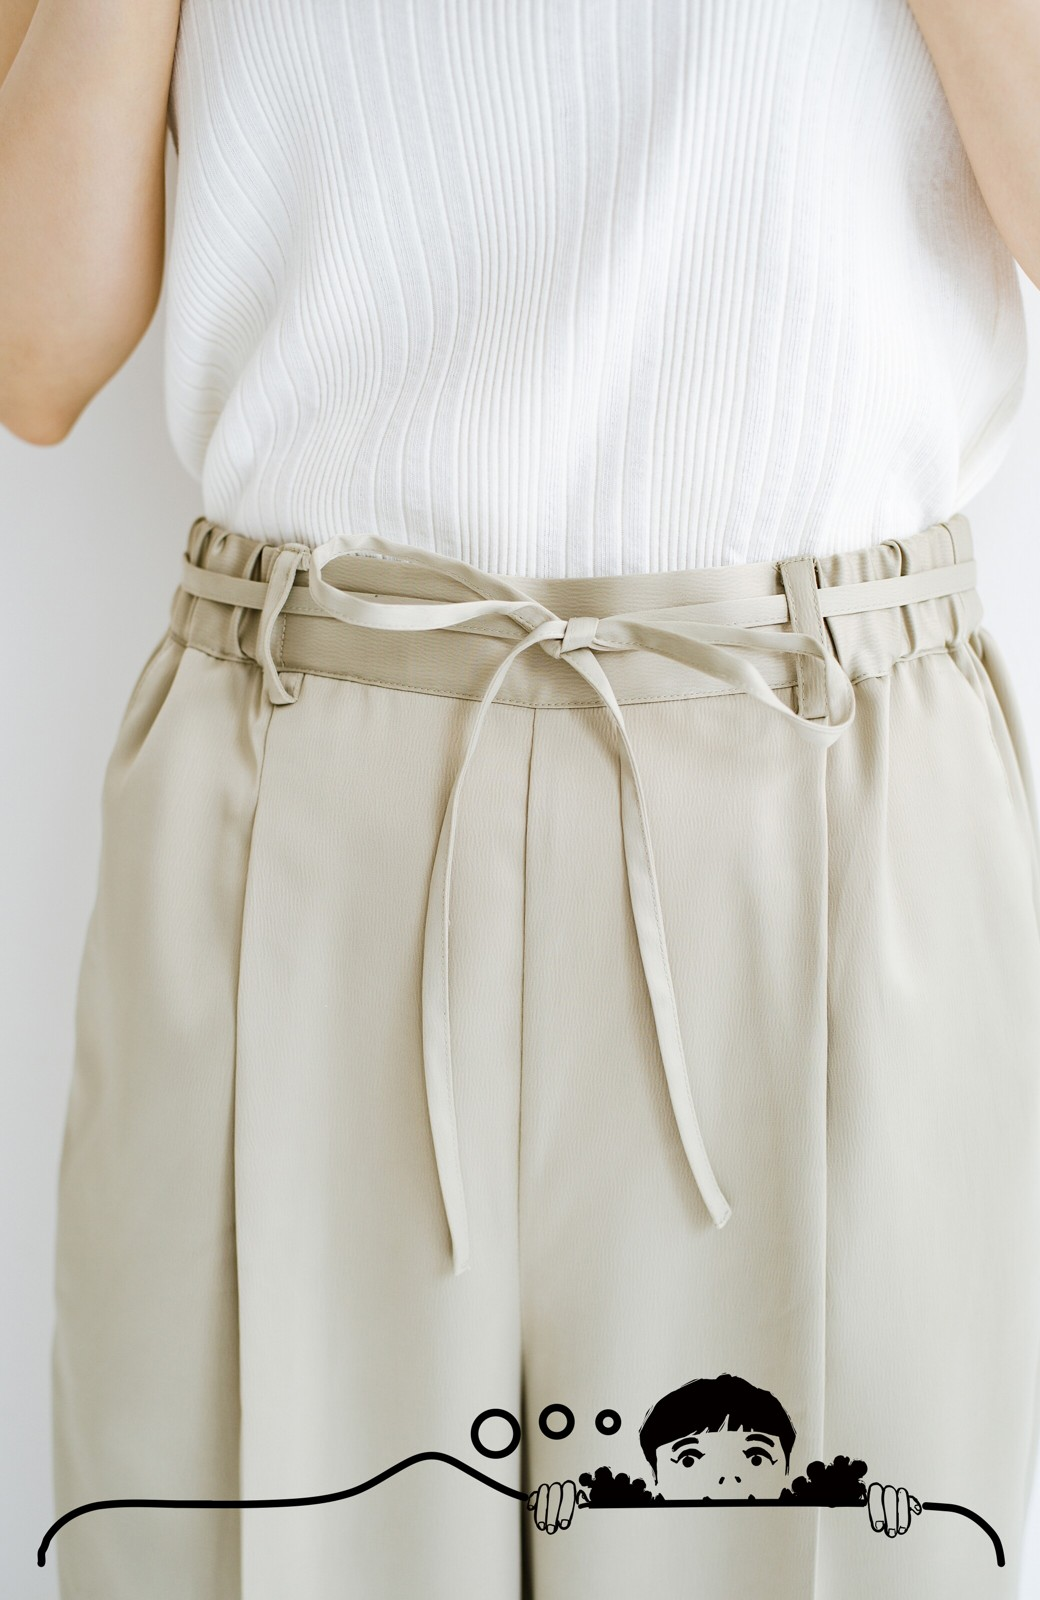 haco! シンプルTシャツに合わせるだけでこなれて見える ほどよく女っぽいツヤやかサテンのセンタープレスパンツby who made me <ライトオリーブ>の商品写真5